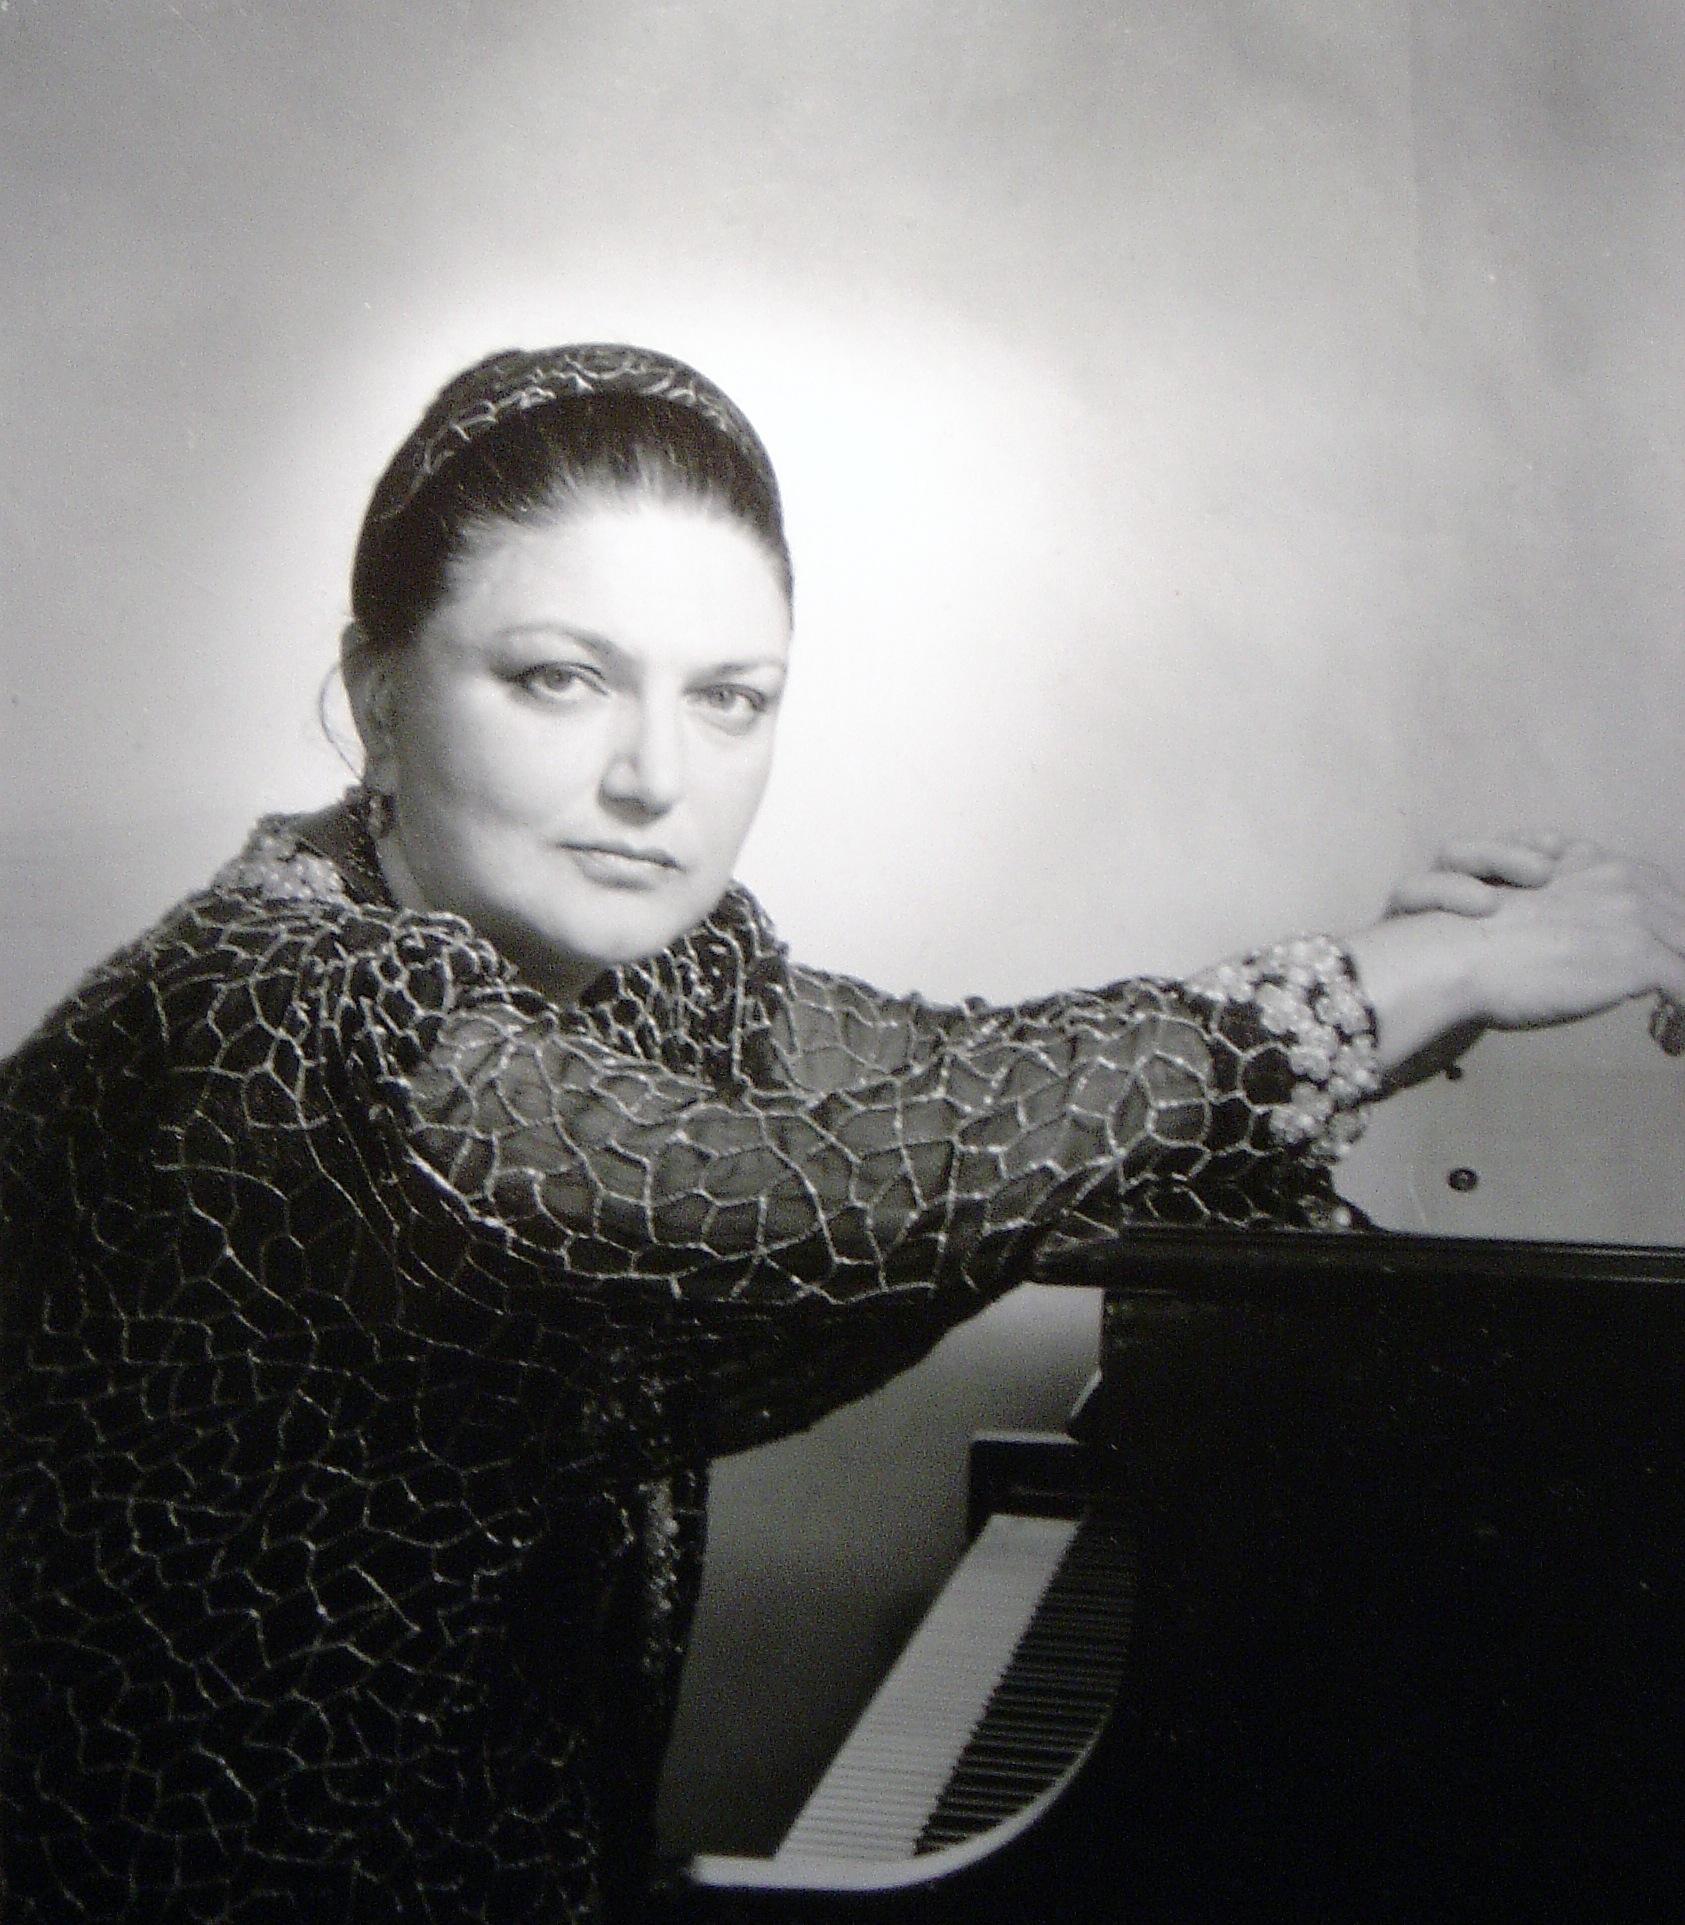 オクサナ・ヤブロンスカヤ